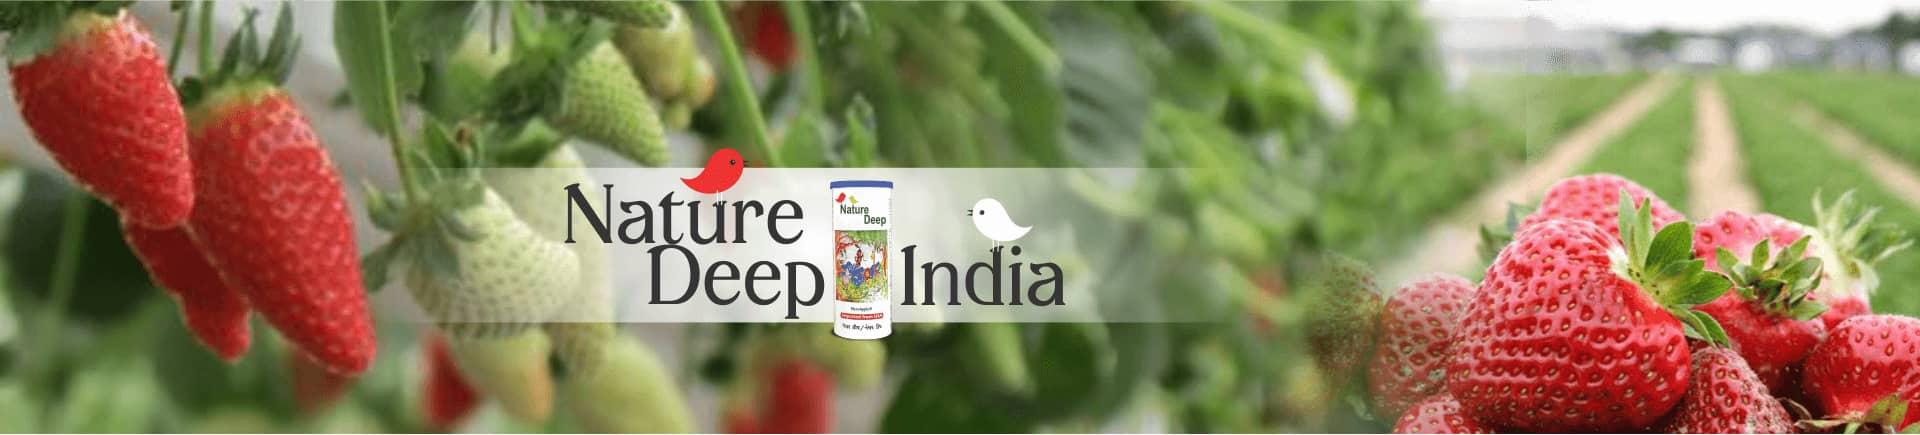 sumitomo naturedeep for strawberry crop desktop banner